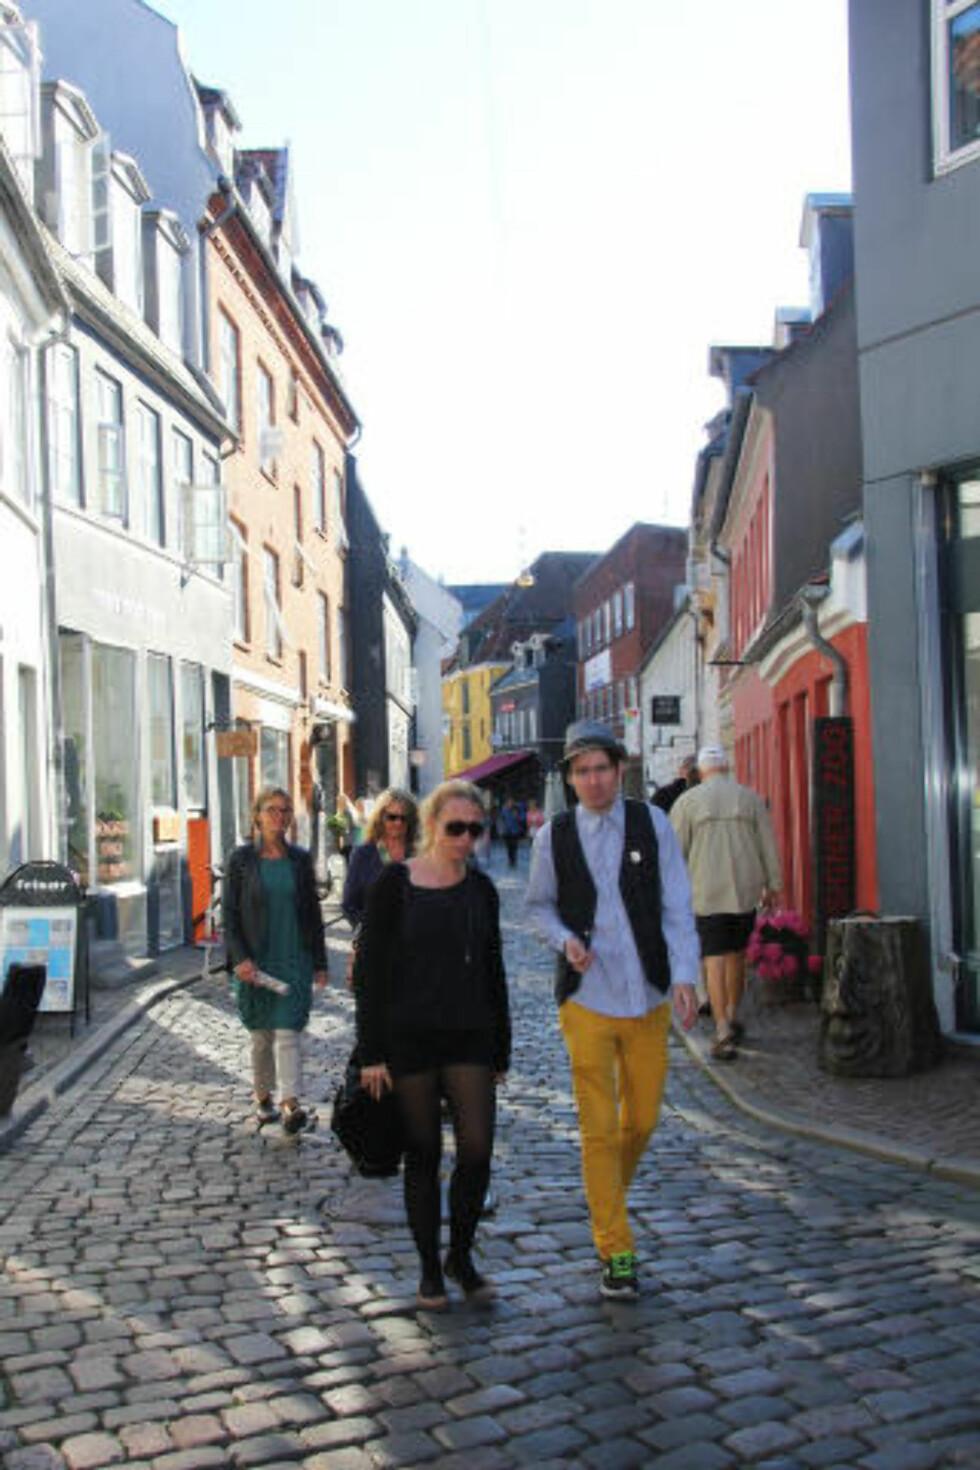 KOSELIG BY: Danmarks nest største by preges av studenter og kreative sjeler. Foto: KJERSTI VANGERUD